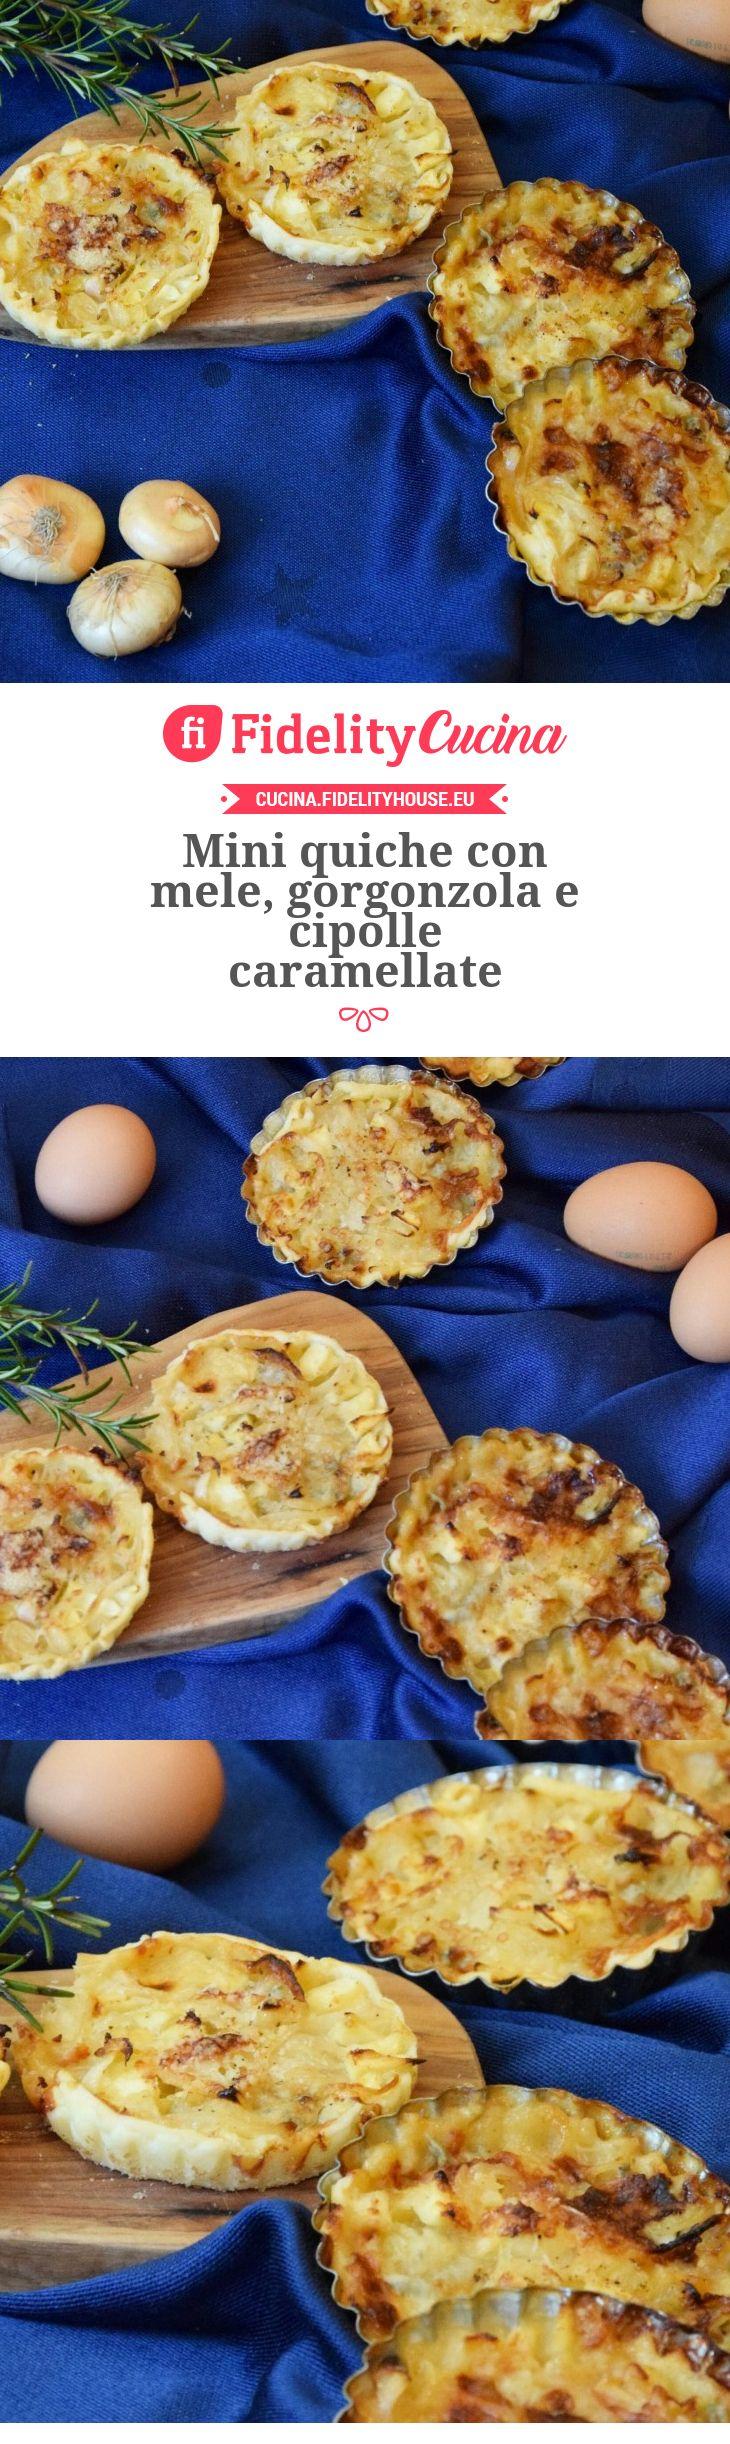 Mini quiche con mele, gorgonzola e cipolle caramellate